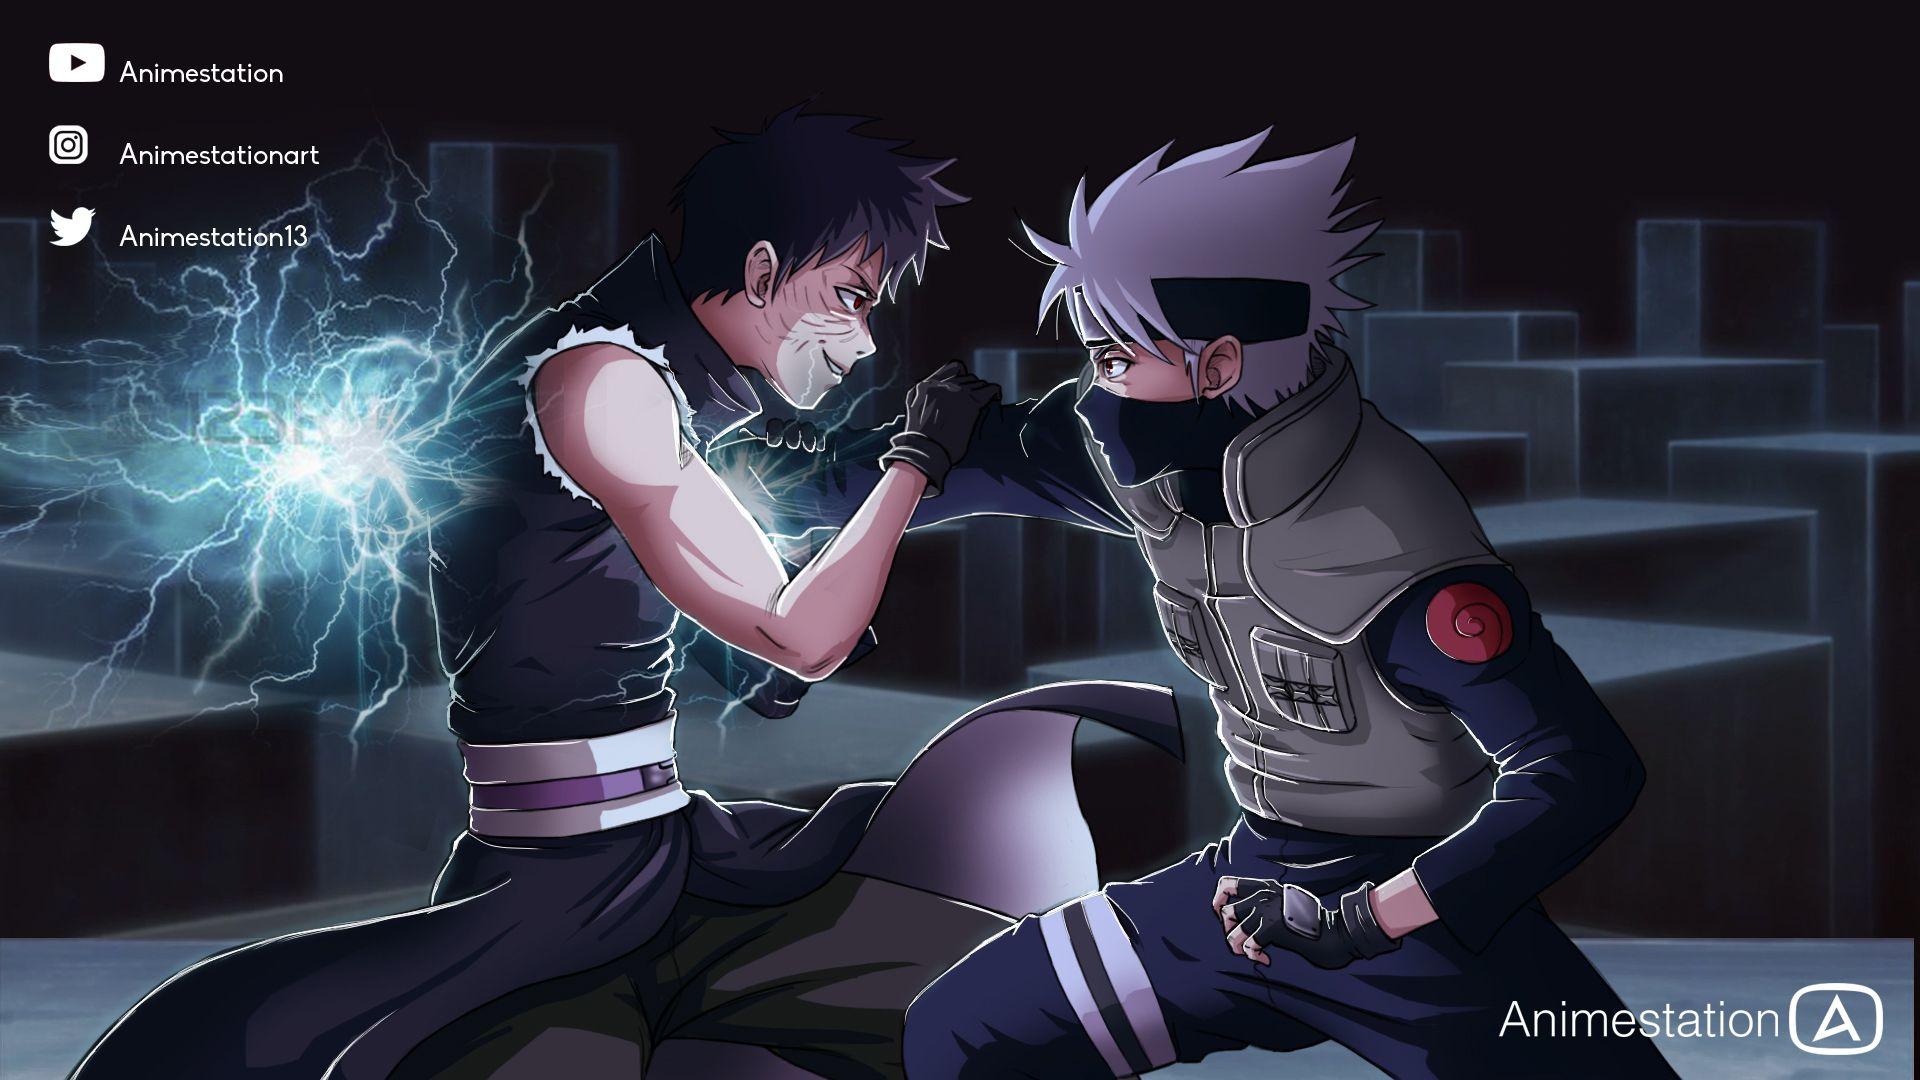 Kakashi Vs Obito Naruto Shippuden Anime Kakashi Naruto Shippuden Hd